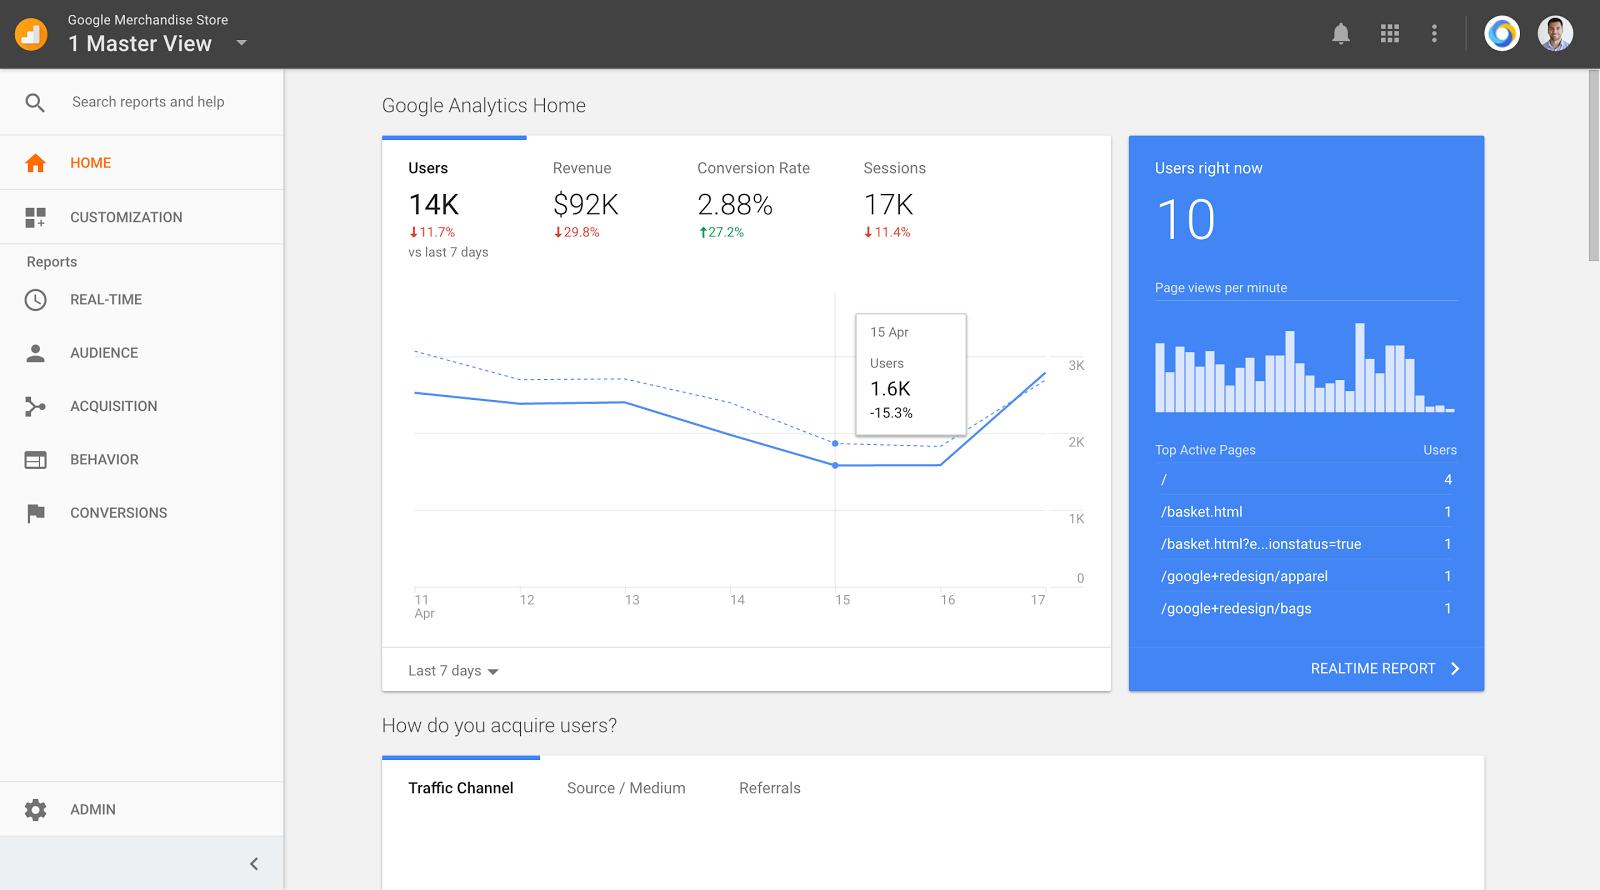 شكل يوضح الصفحة الرئيسية في الأداة Google Analytics